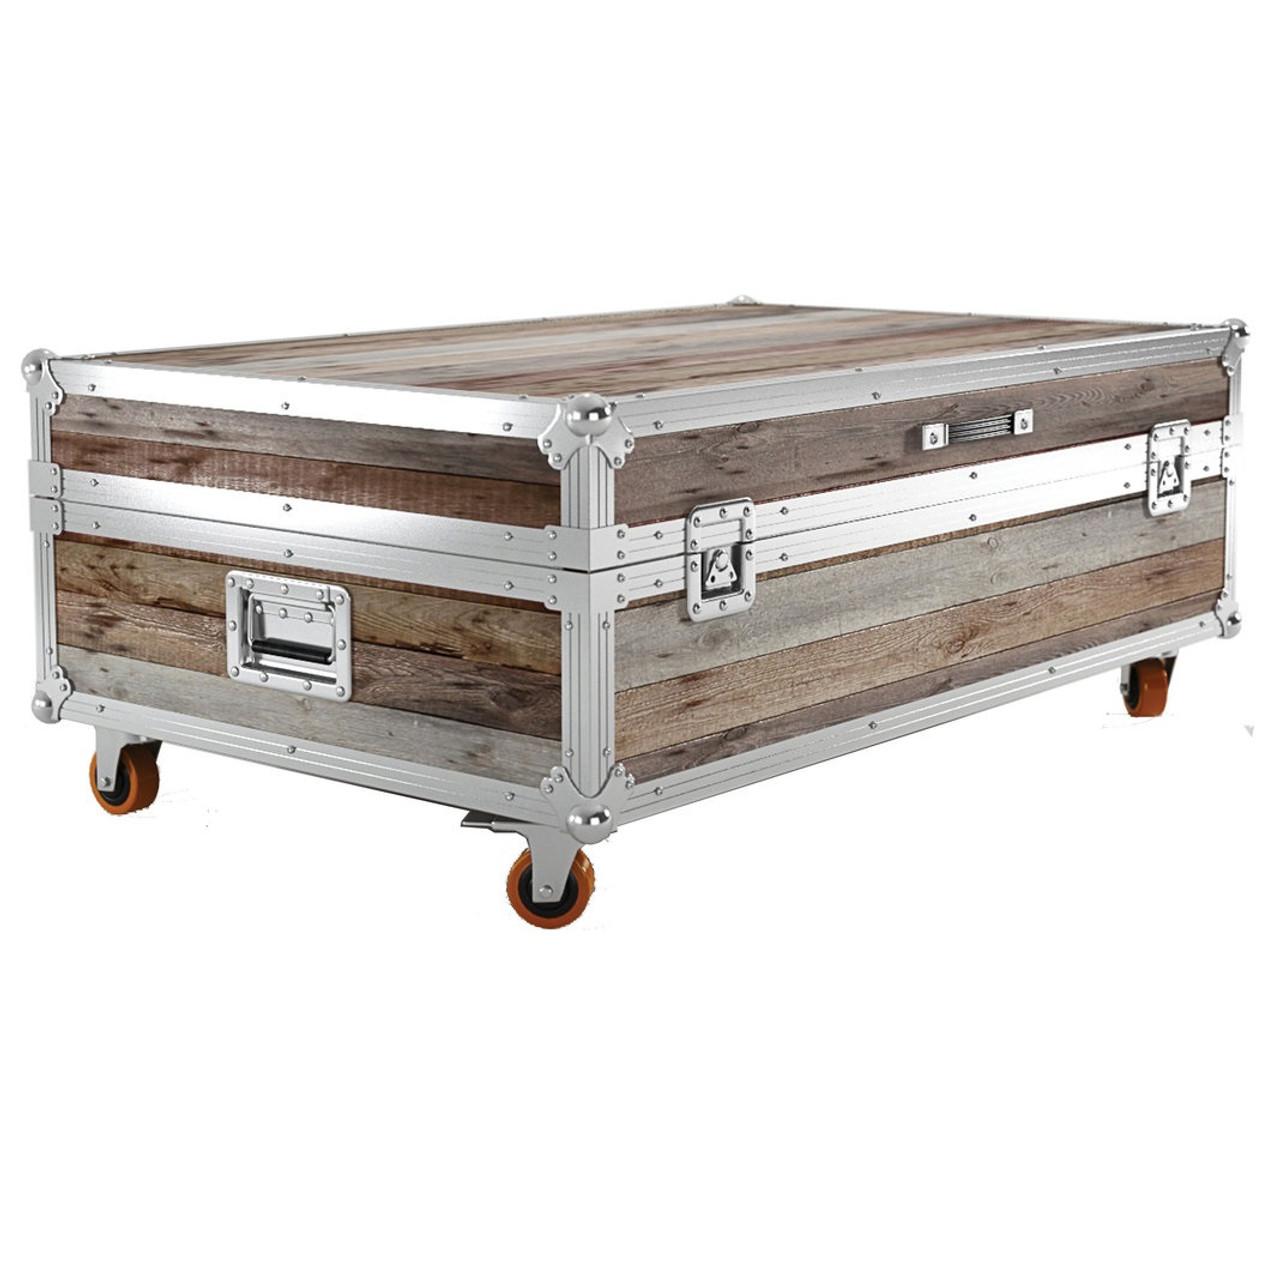 Industrial Reclaimed Teak Wood Large Trunk Coffee Table